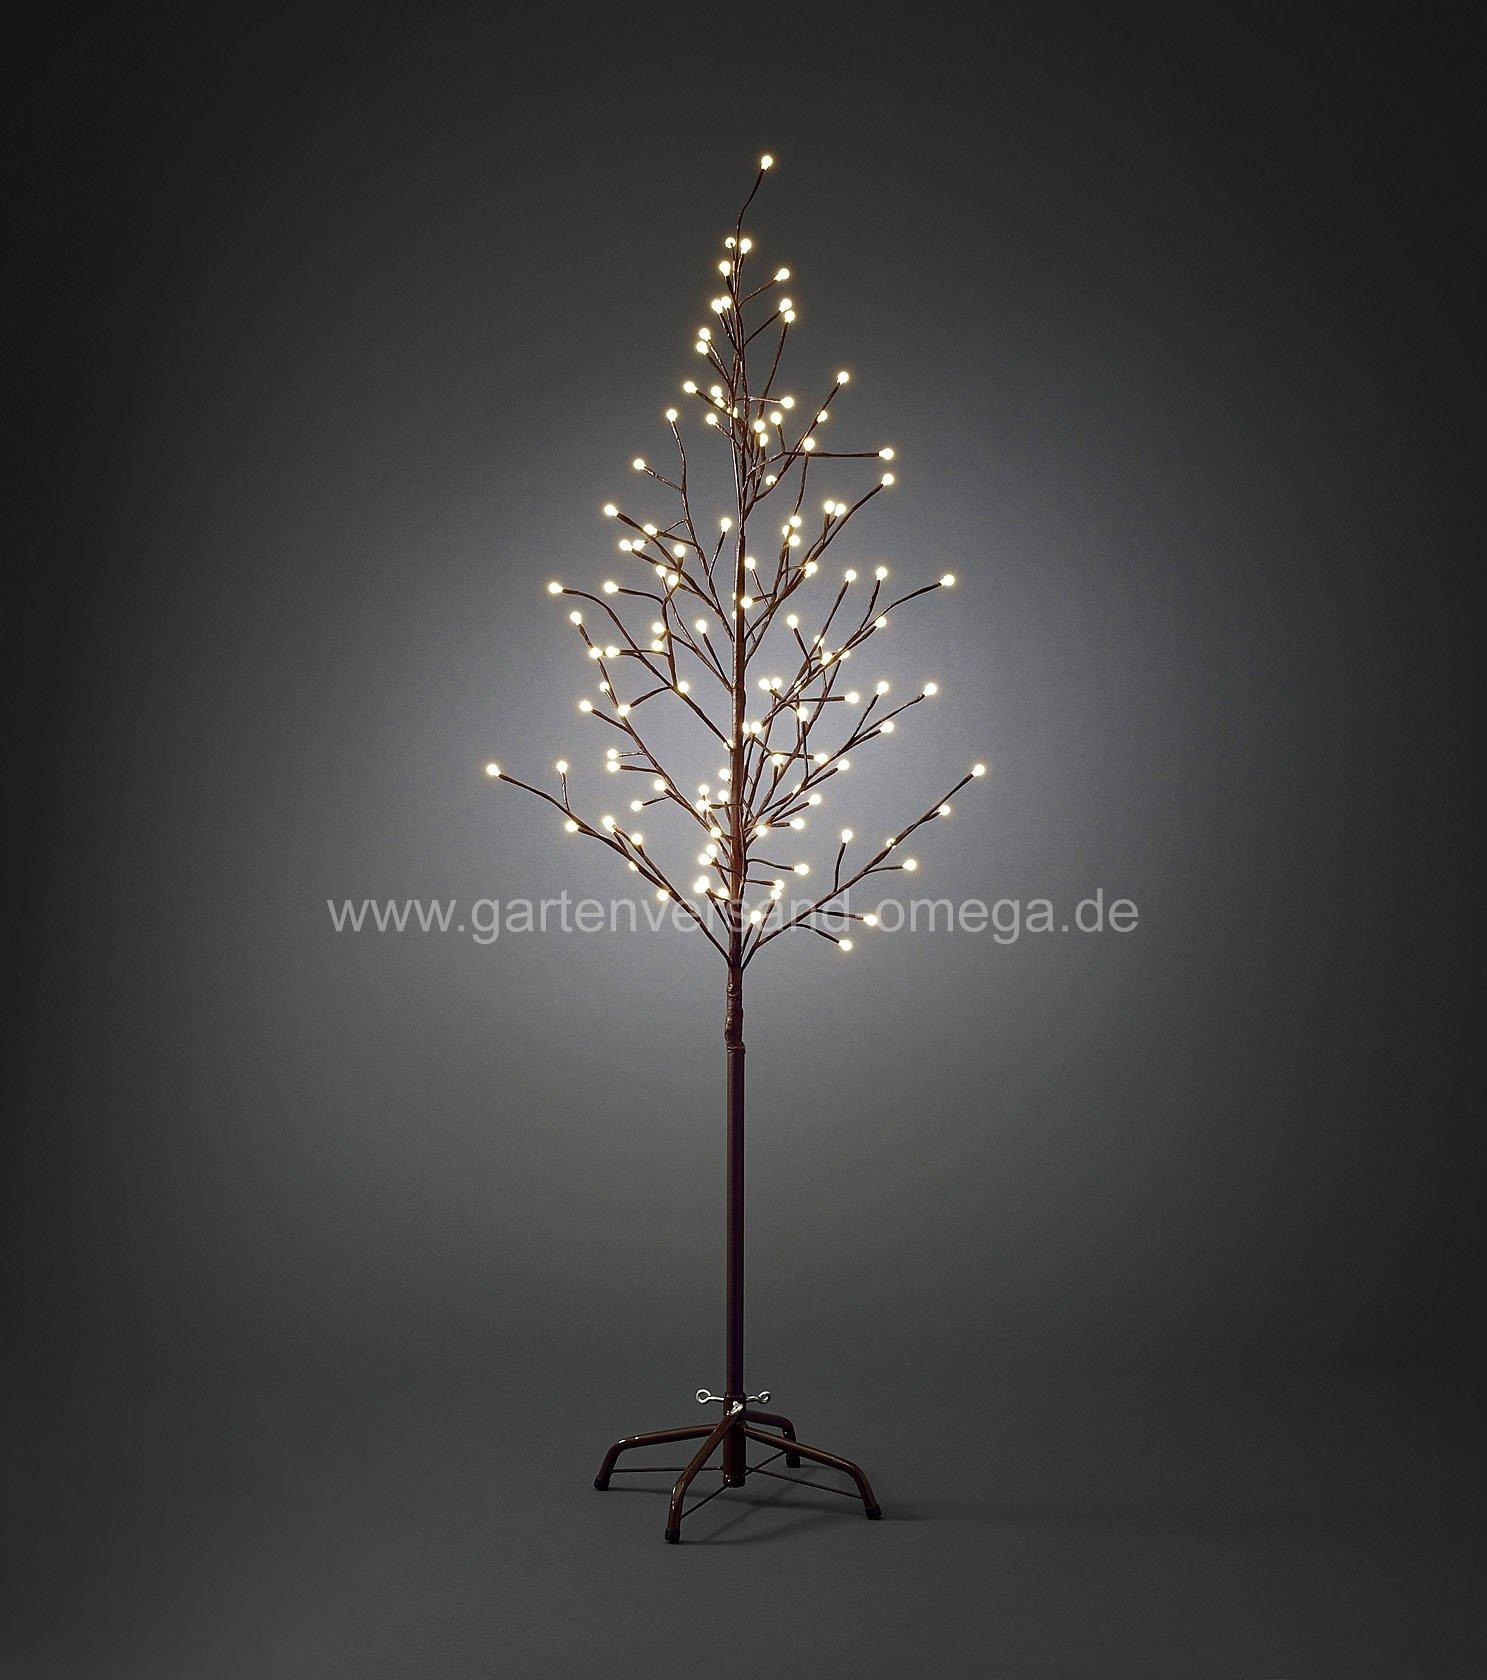 led lichterbaum braun gro vorgartendekoration weihnachten gartendekoration mit led led baum. Black Bedroom Furniture Sets. Home Design Ideas